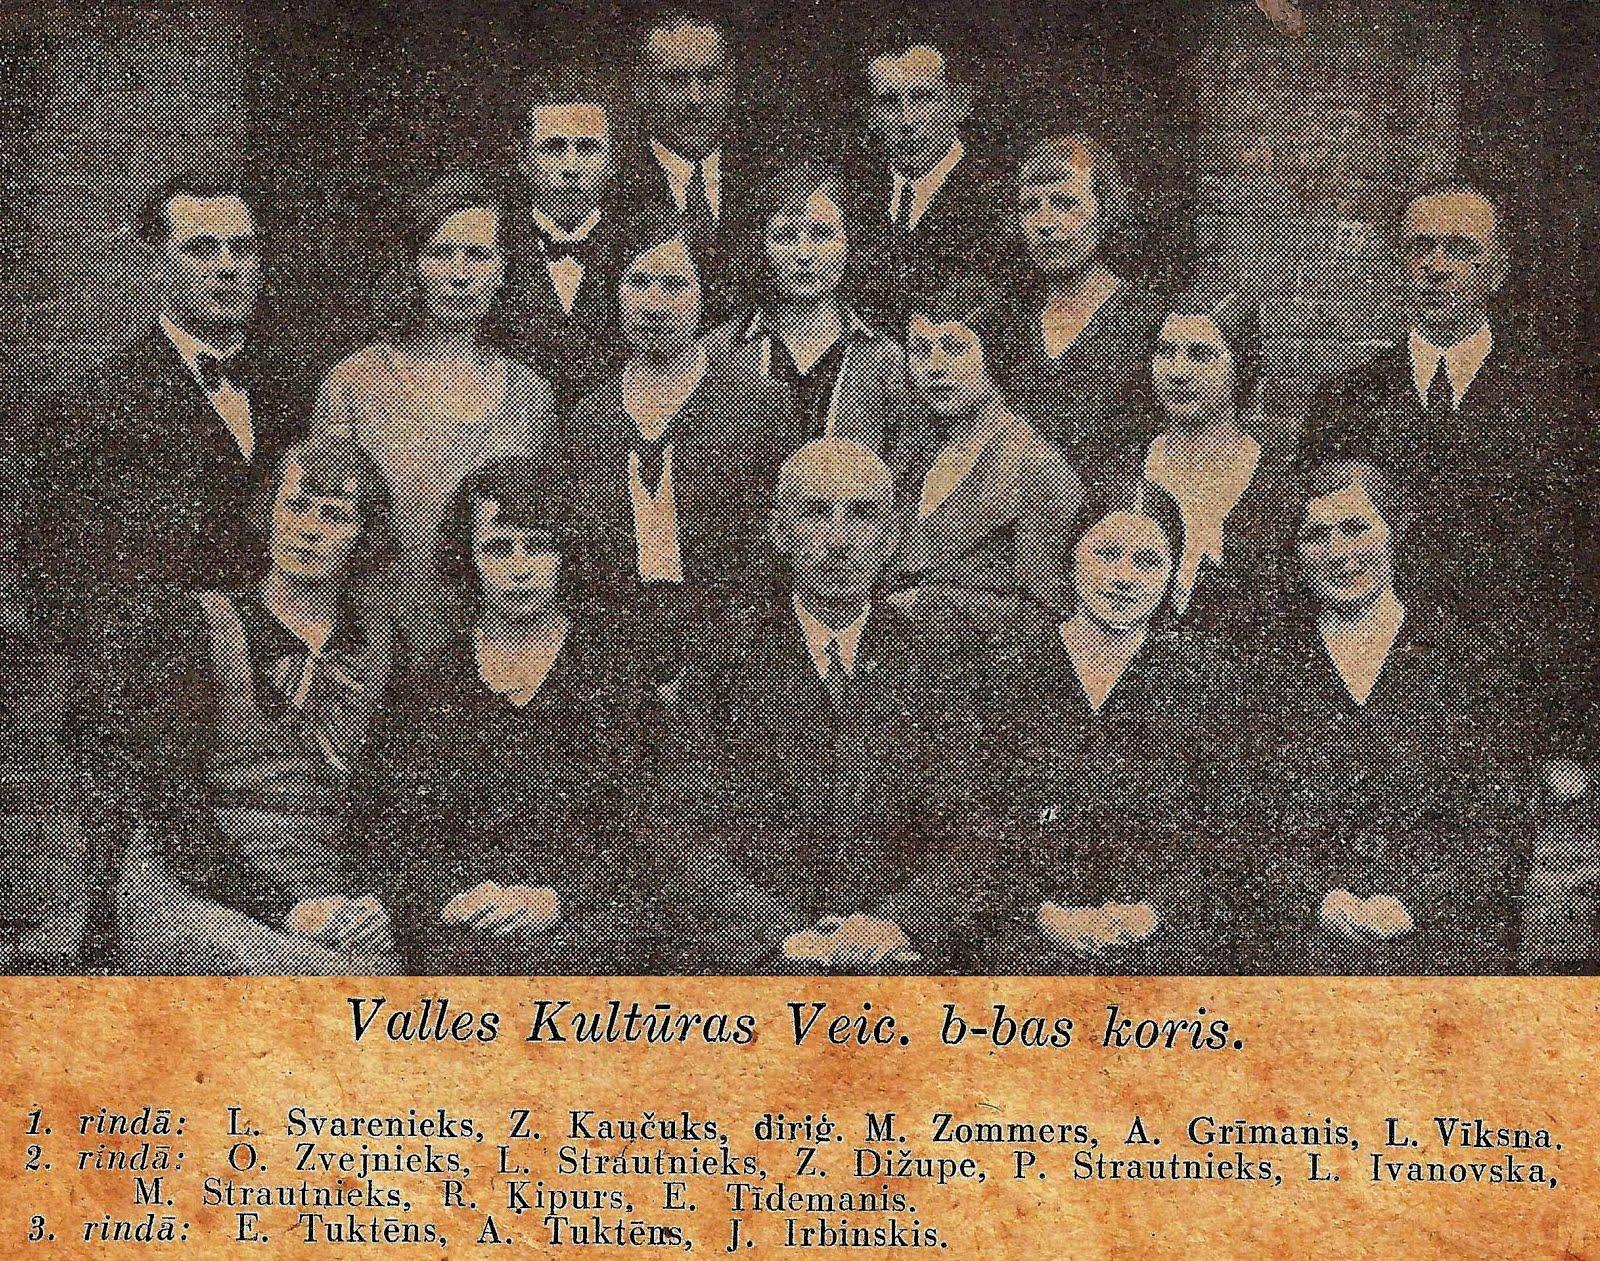 Valles kultūras veicināšānas biedrības koris 1933. gadā . Diriģents Mārtiņš Zommers